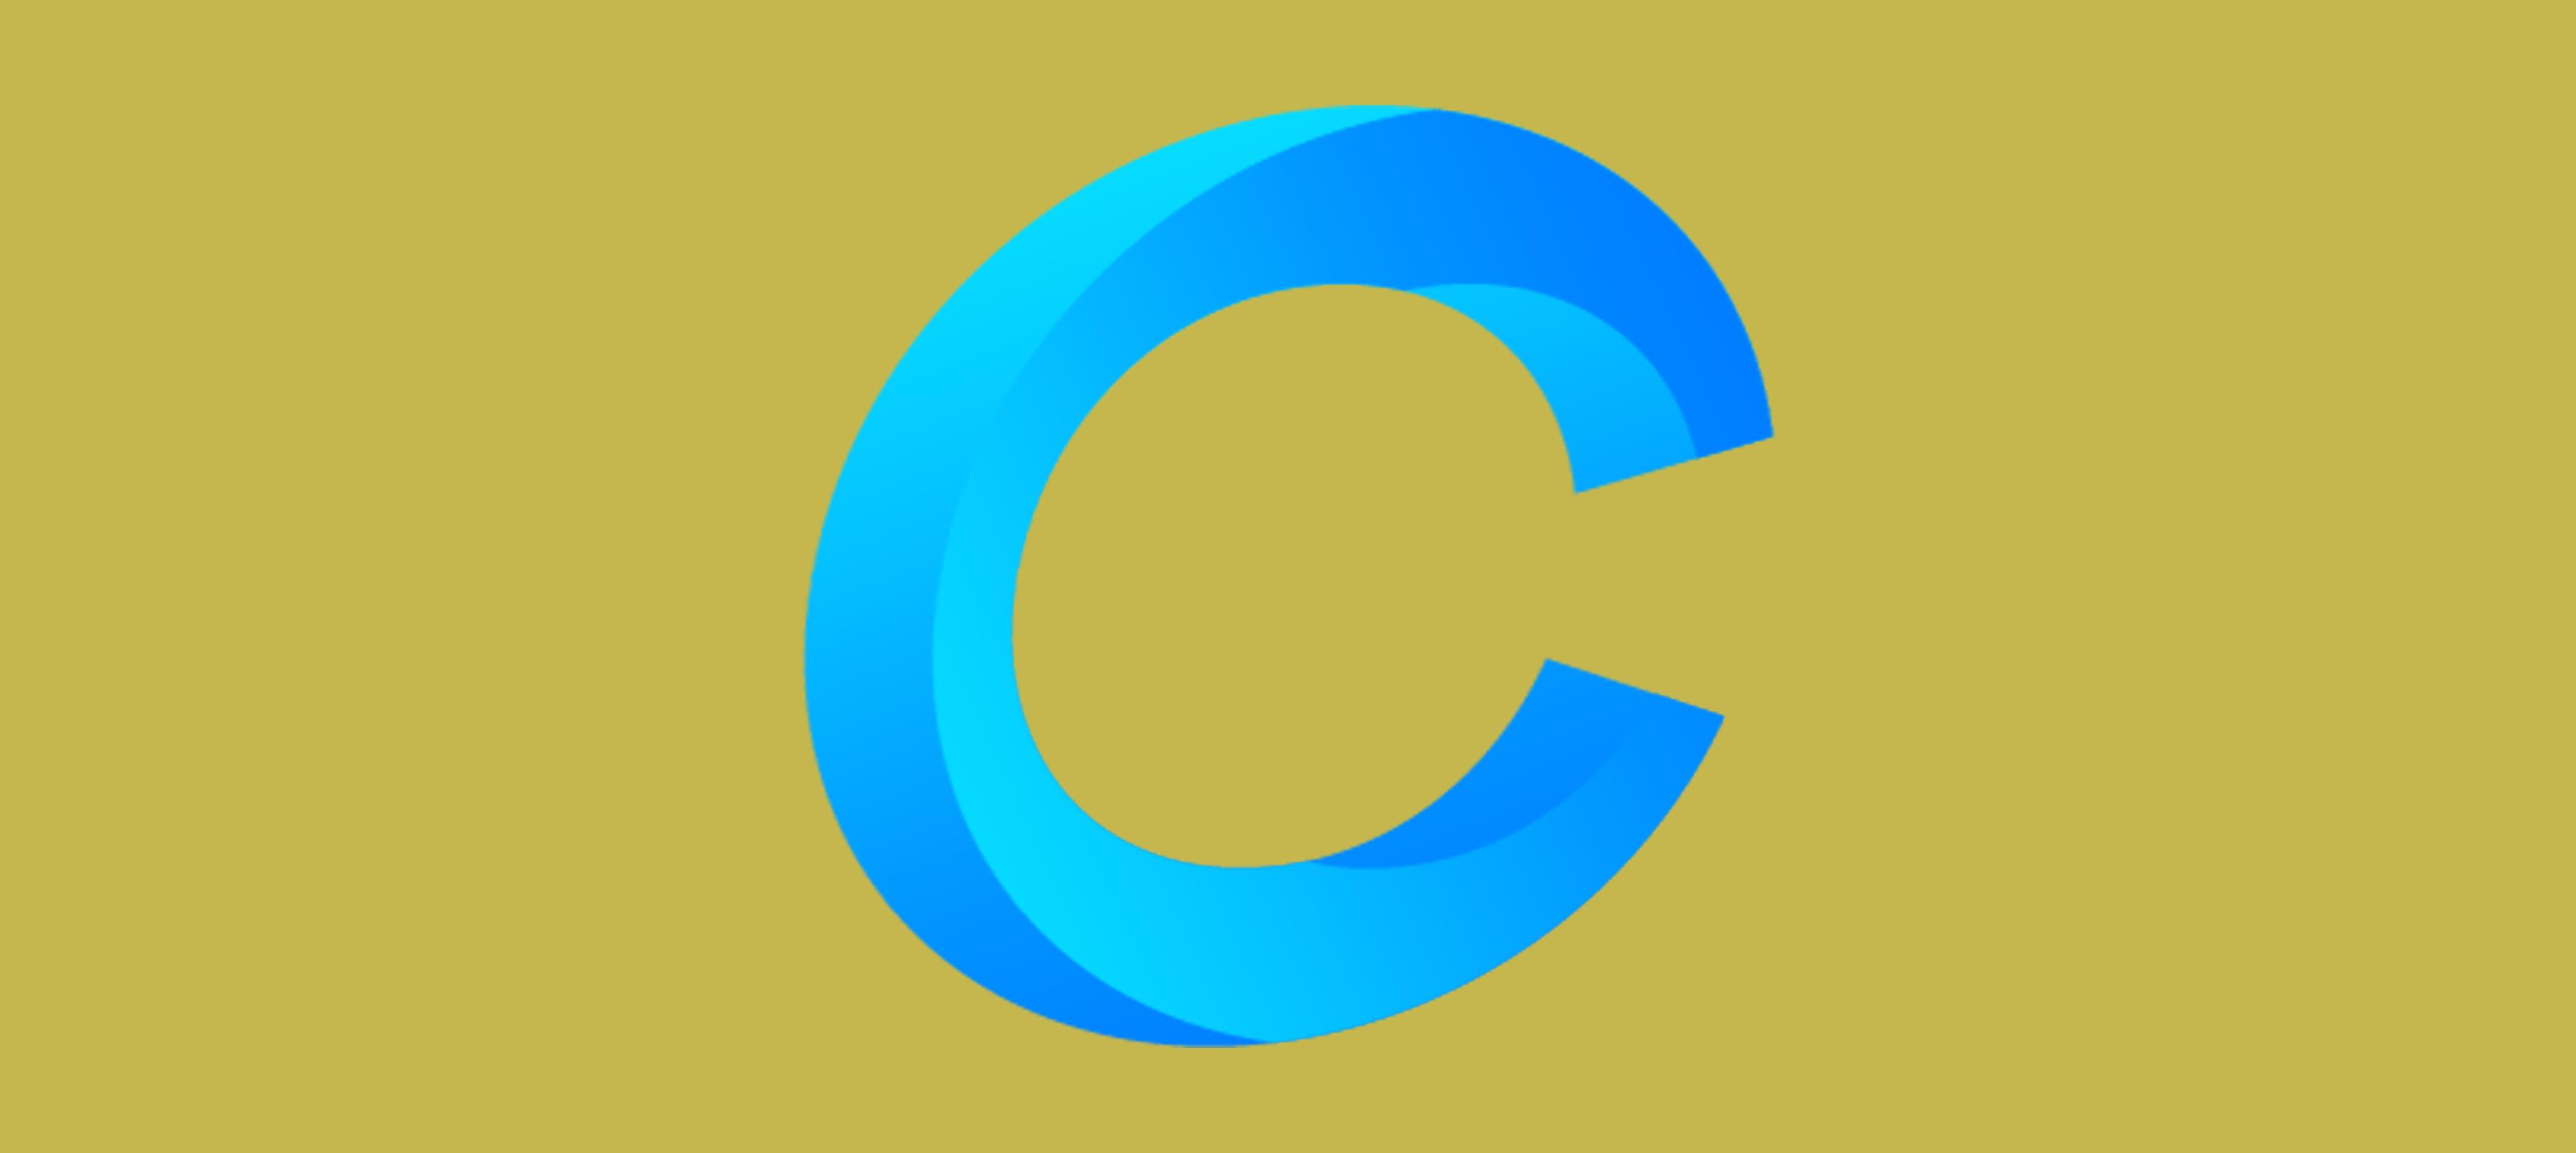 Нейминг и логотип компании, занимающейся аутсорсингом фото f_83159d8af64237e7.jpg